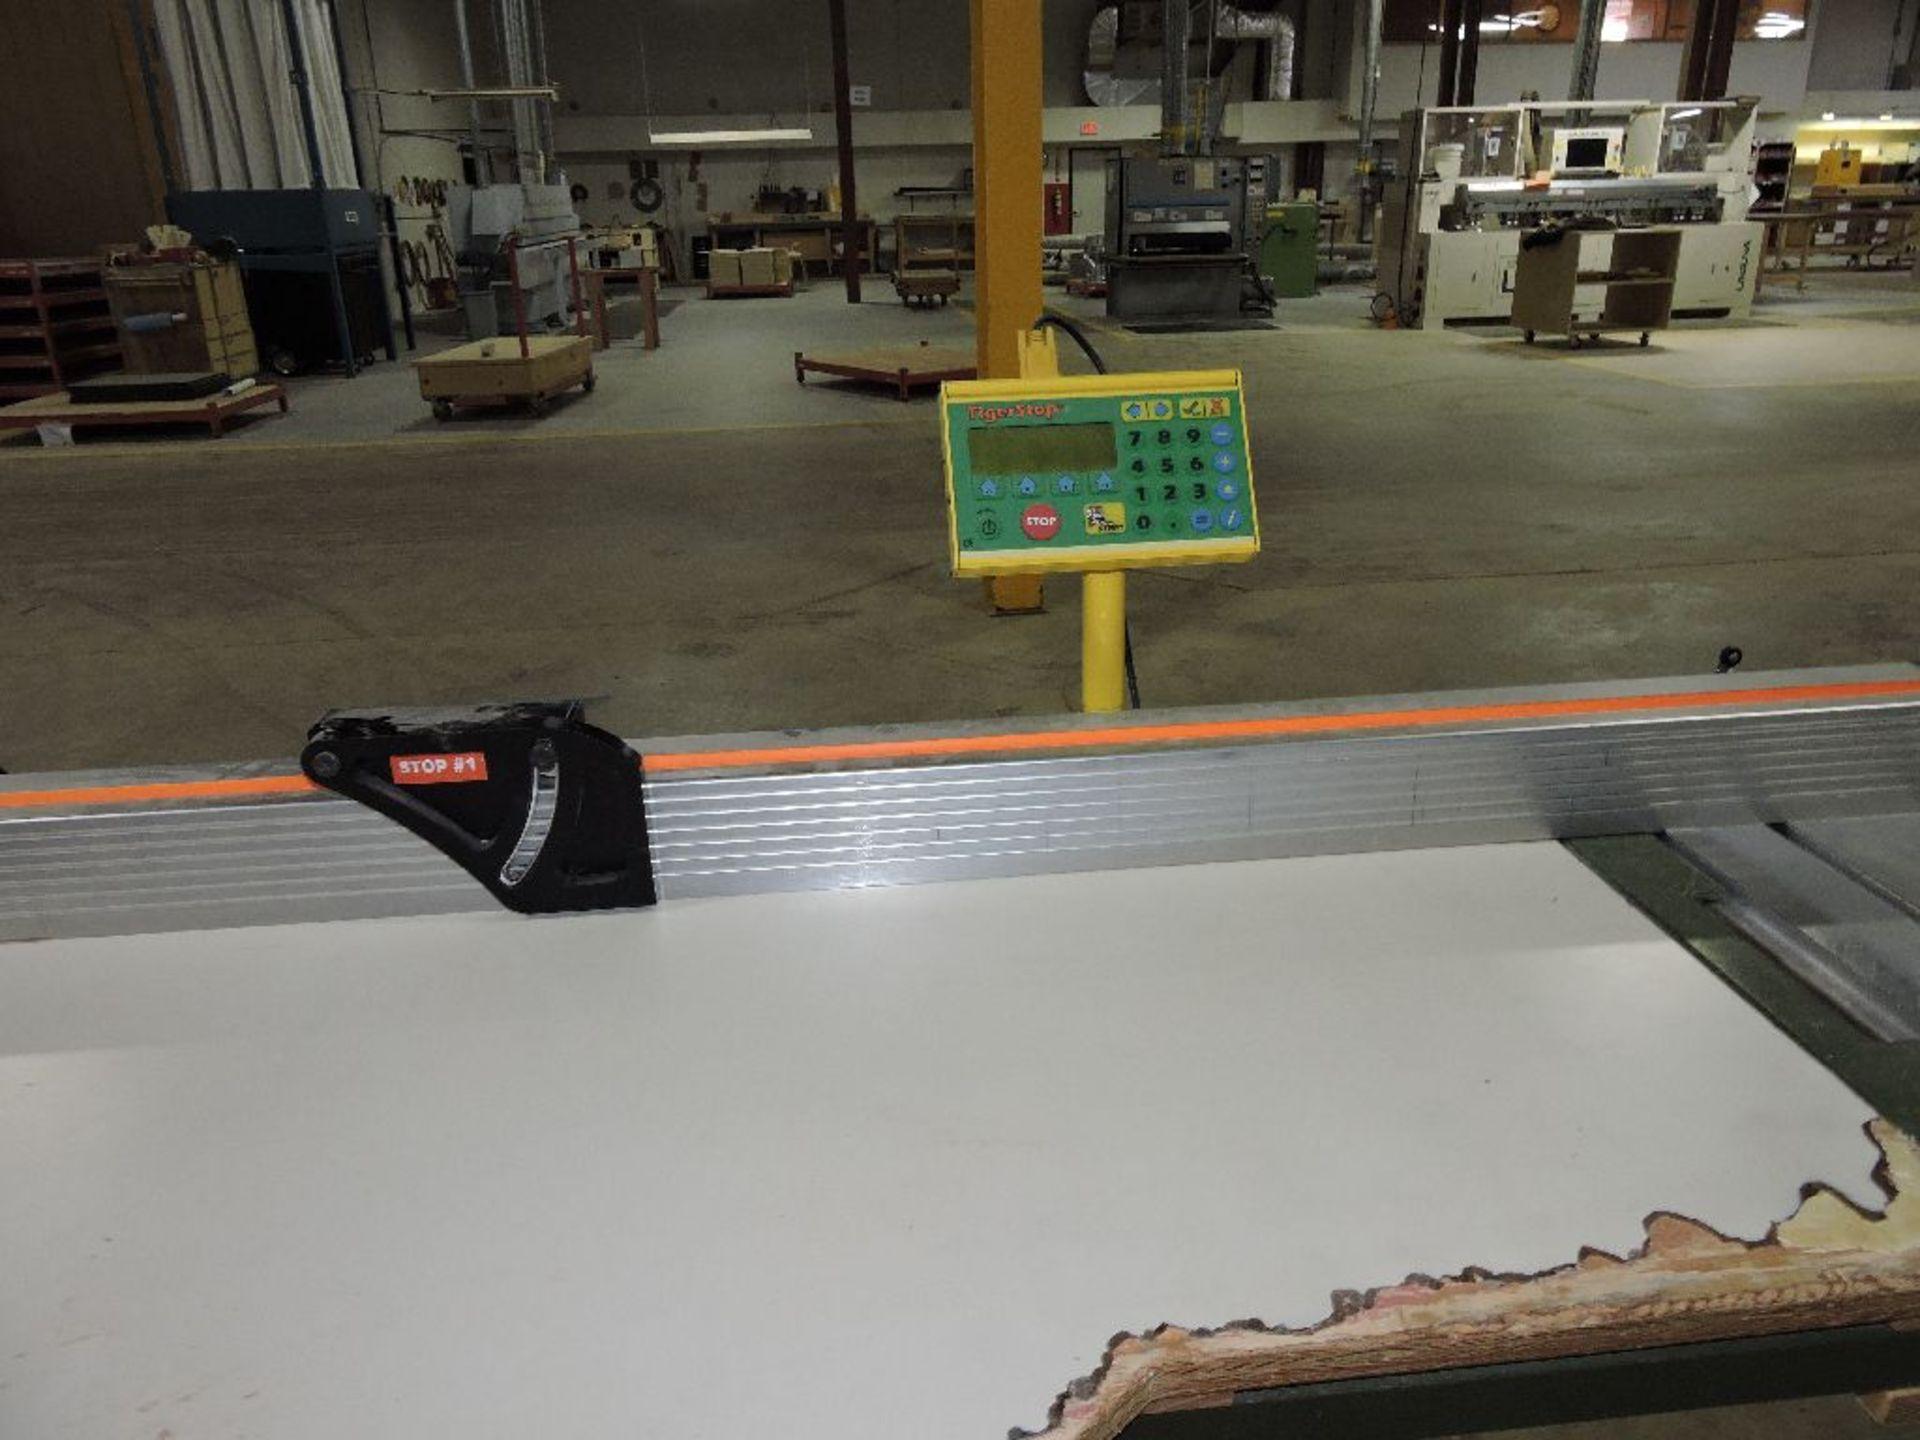 Lot 011 - 1993 Holzer Super Slide tablesaw, model 1245, sn 409/9-302, w/Tiger stop, 10'x 7'.